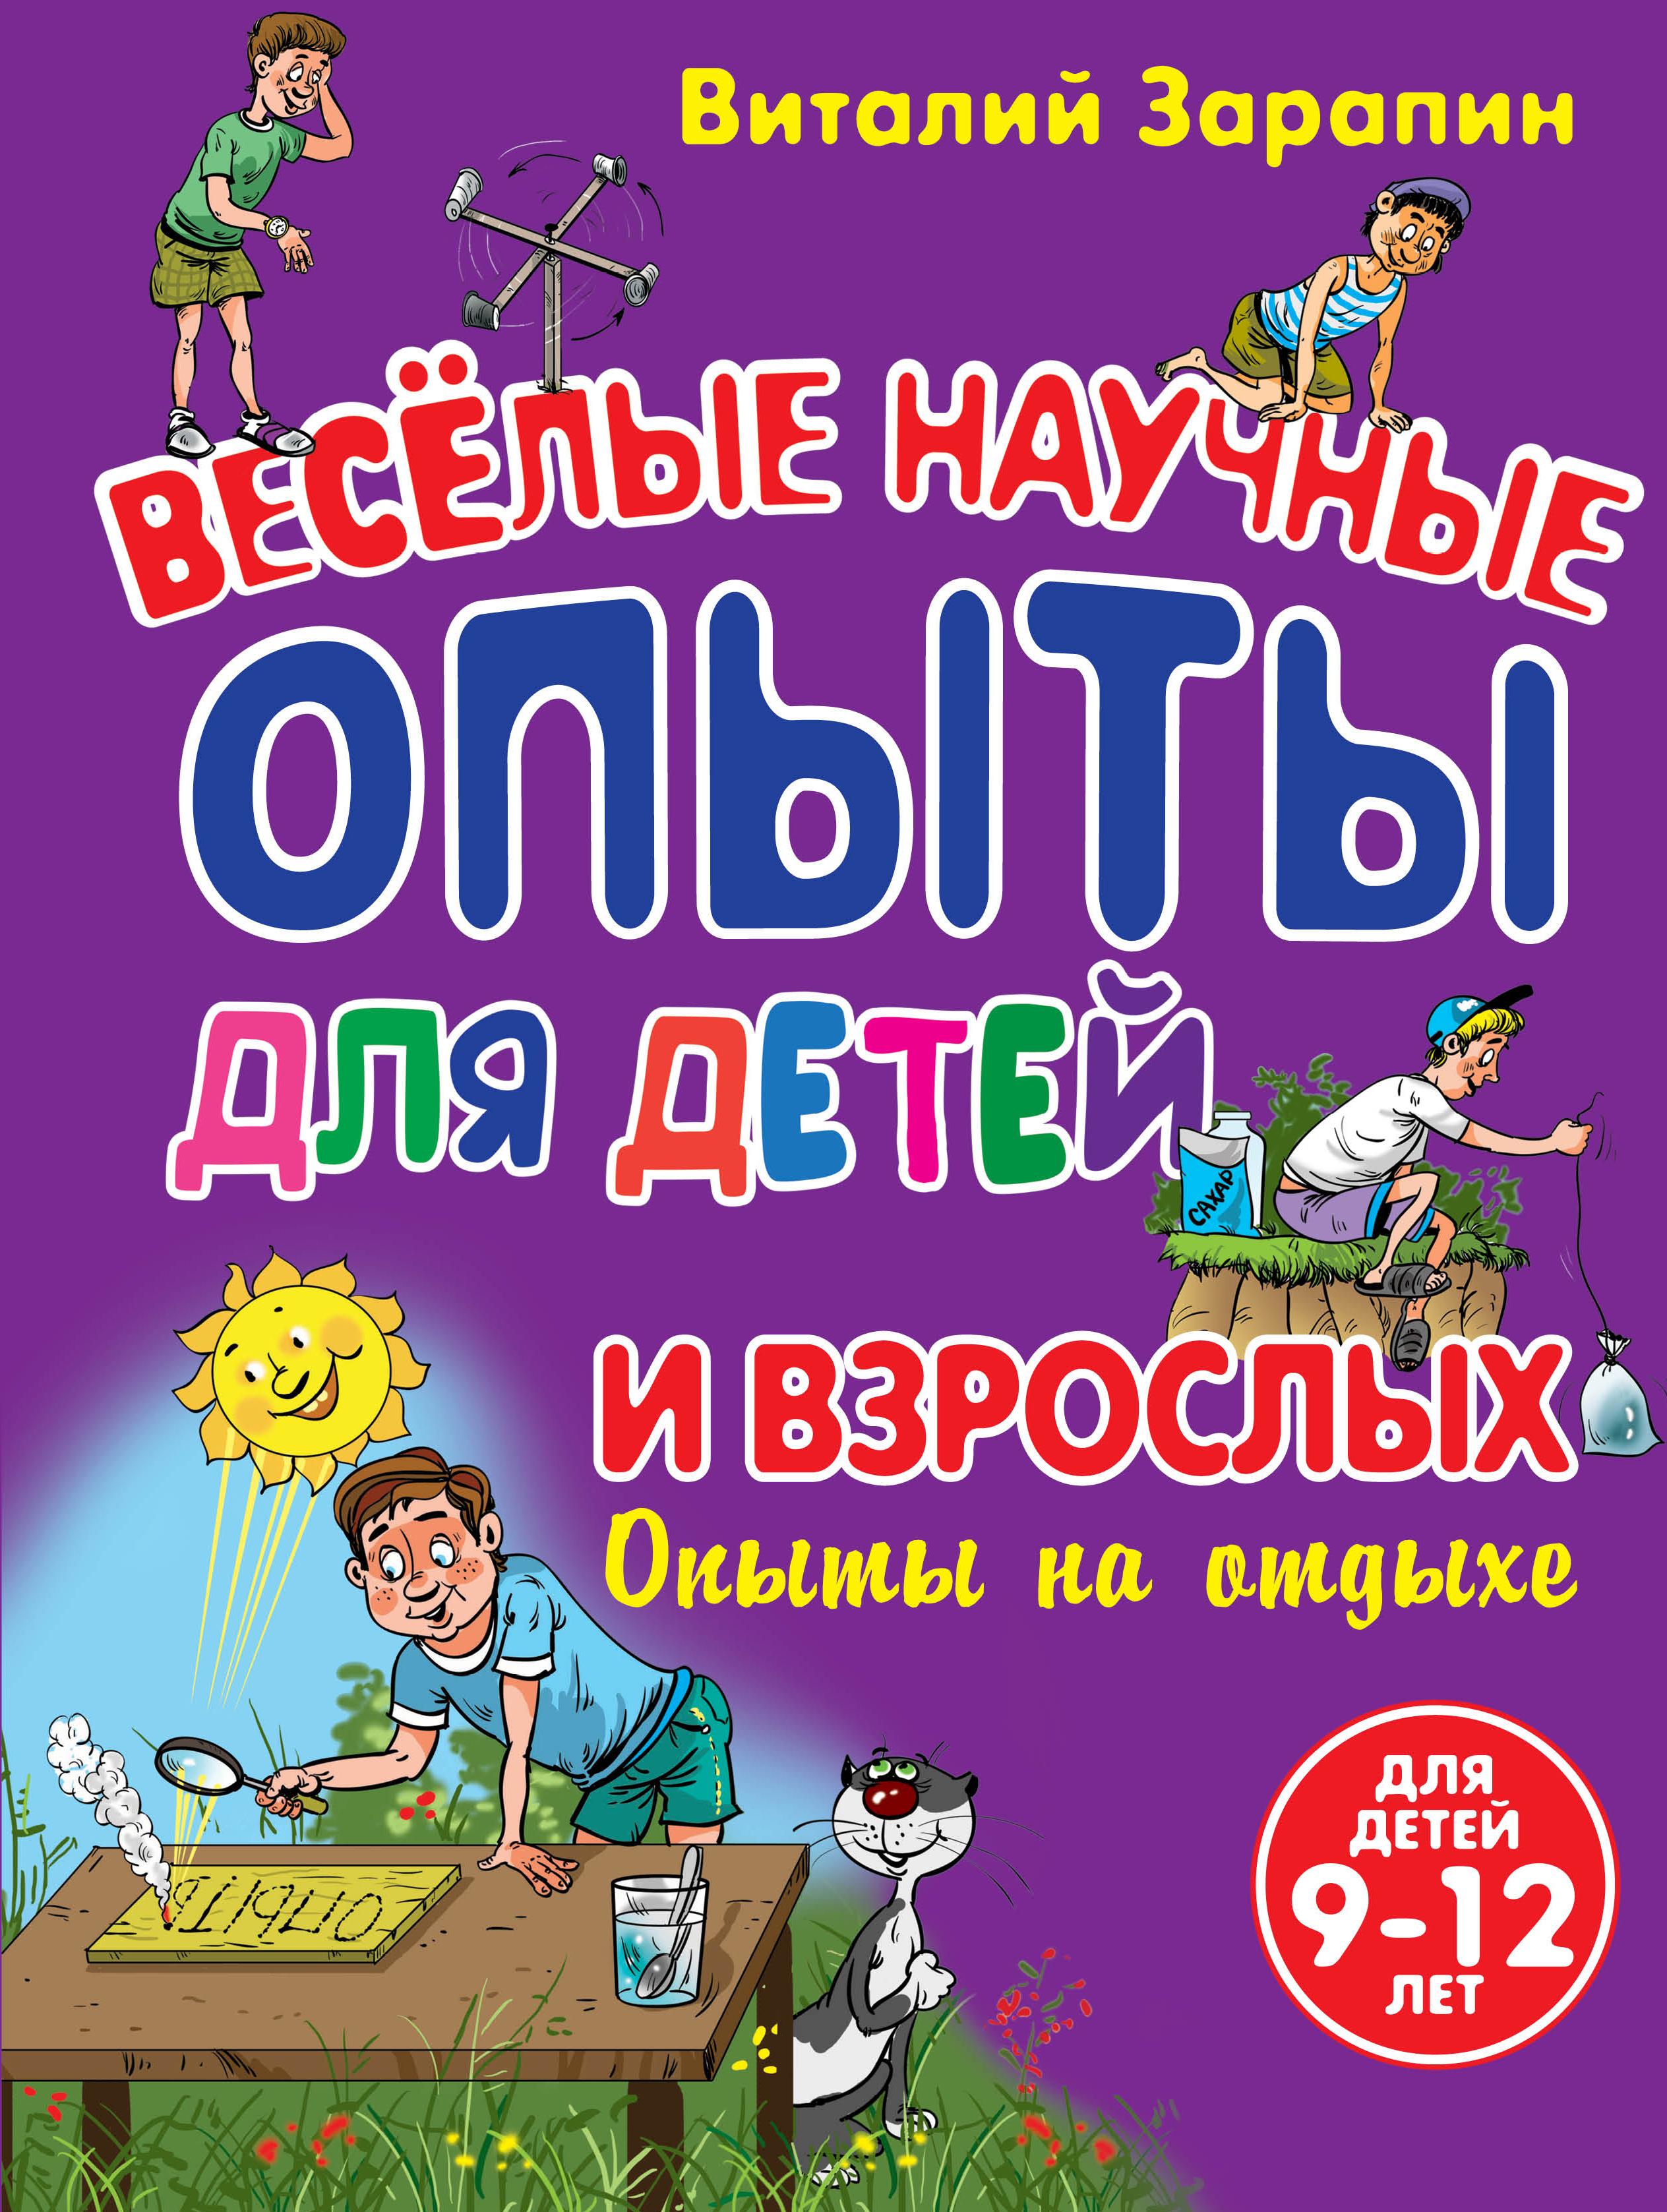 Источник: Зарапин Виталий, Веселые научные опыты для детей и взрослых. Опыты на отдыхе